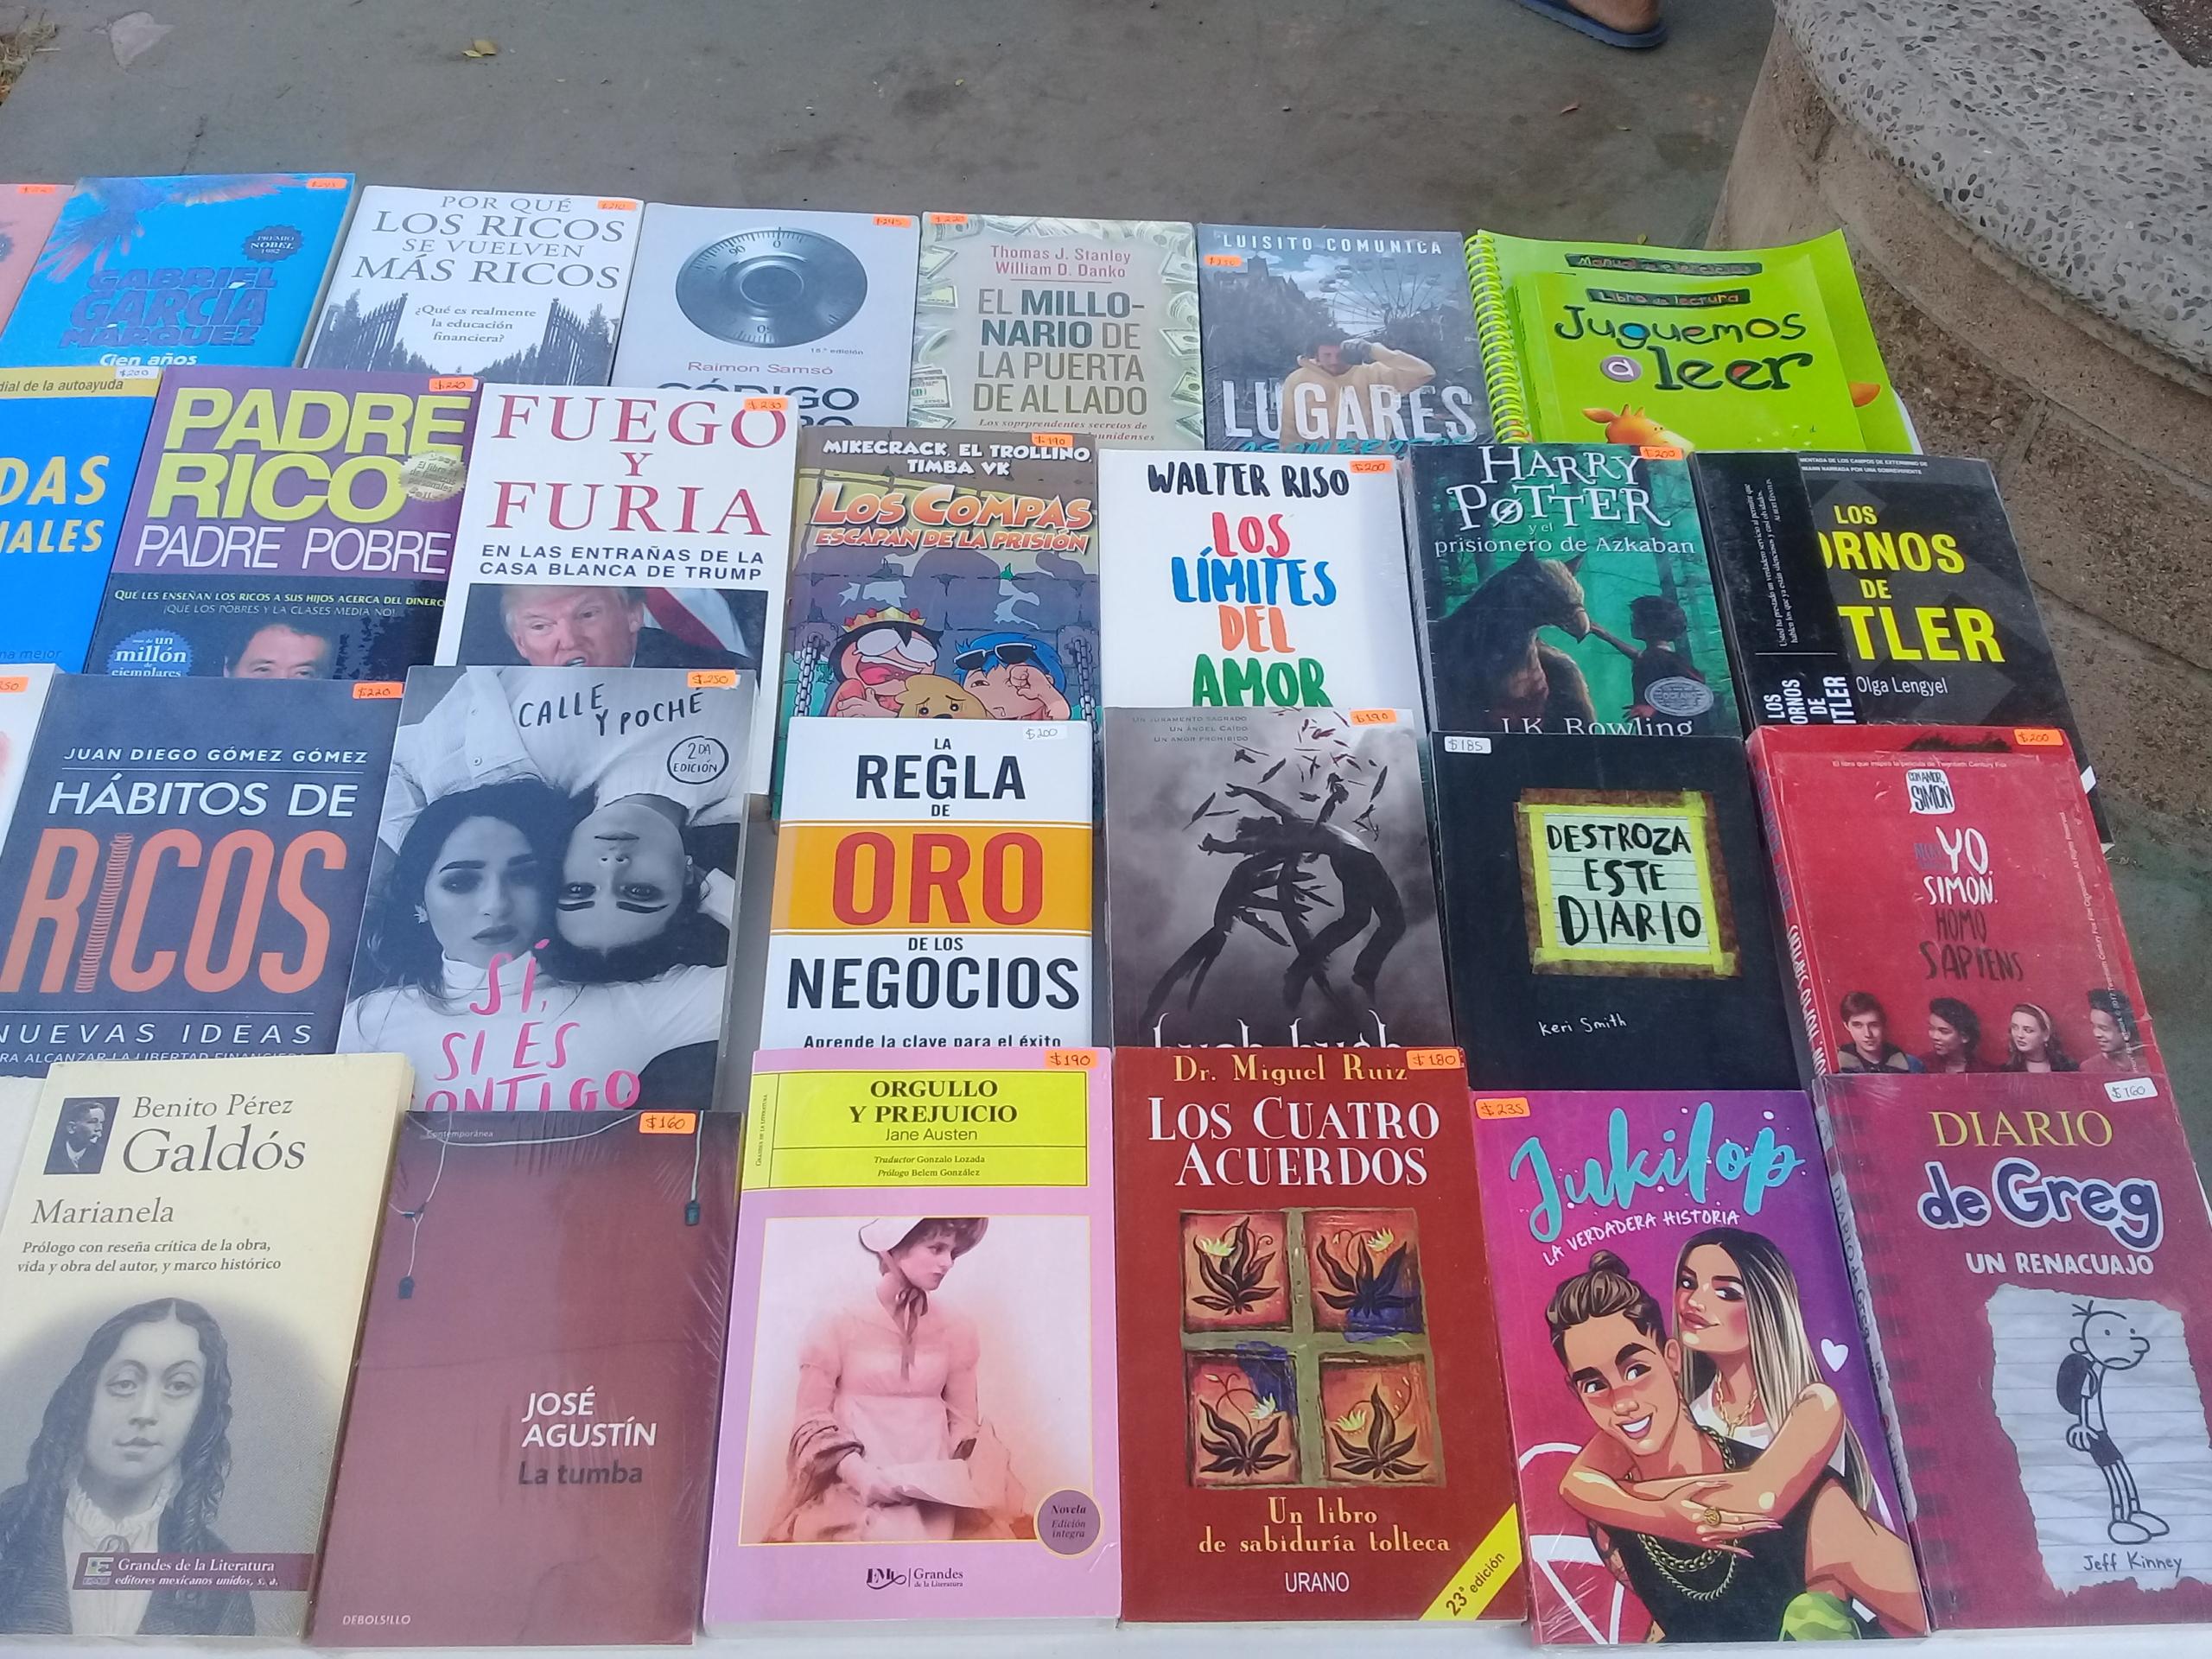 El librero nómada